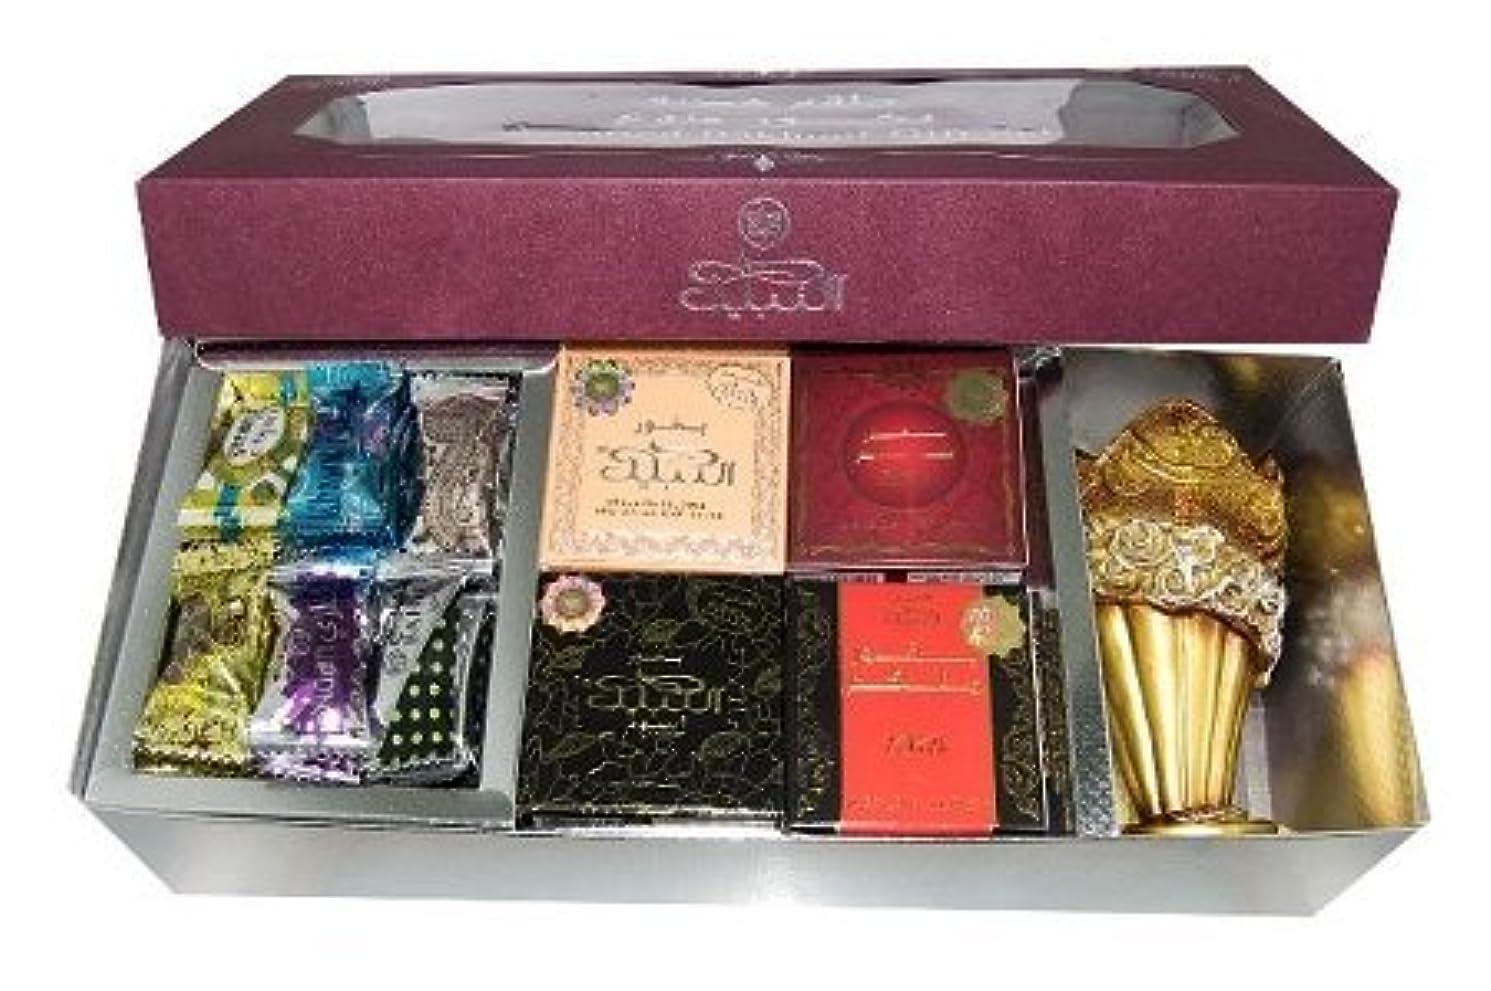 論文動幻影Assorted Bakhoorお香ギフトセットby Nabeel by Nabeel Perfumes